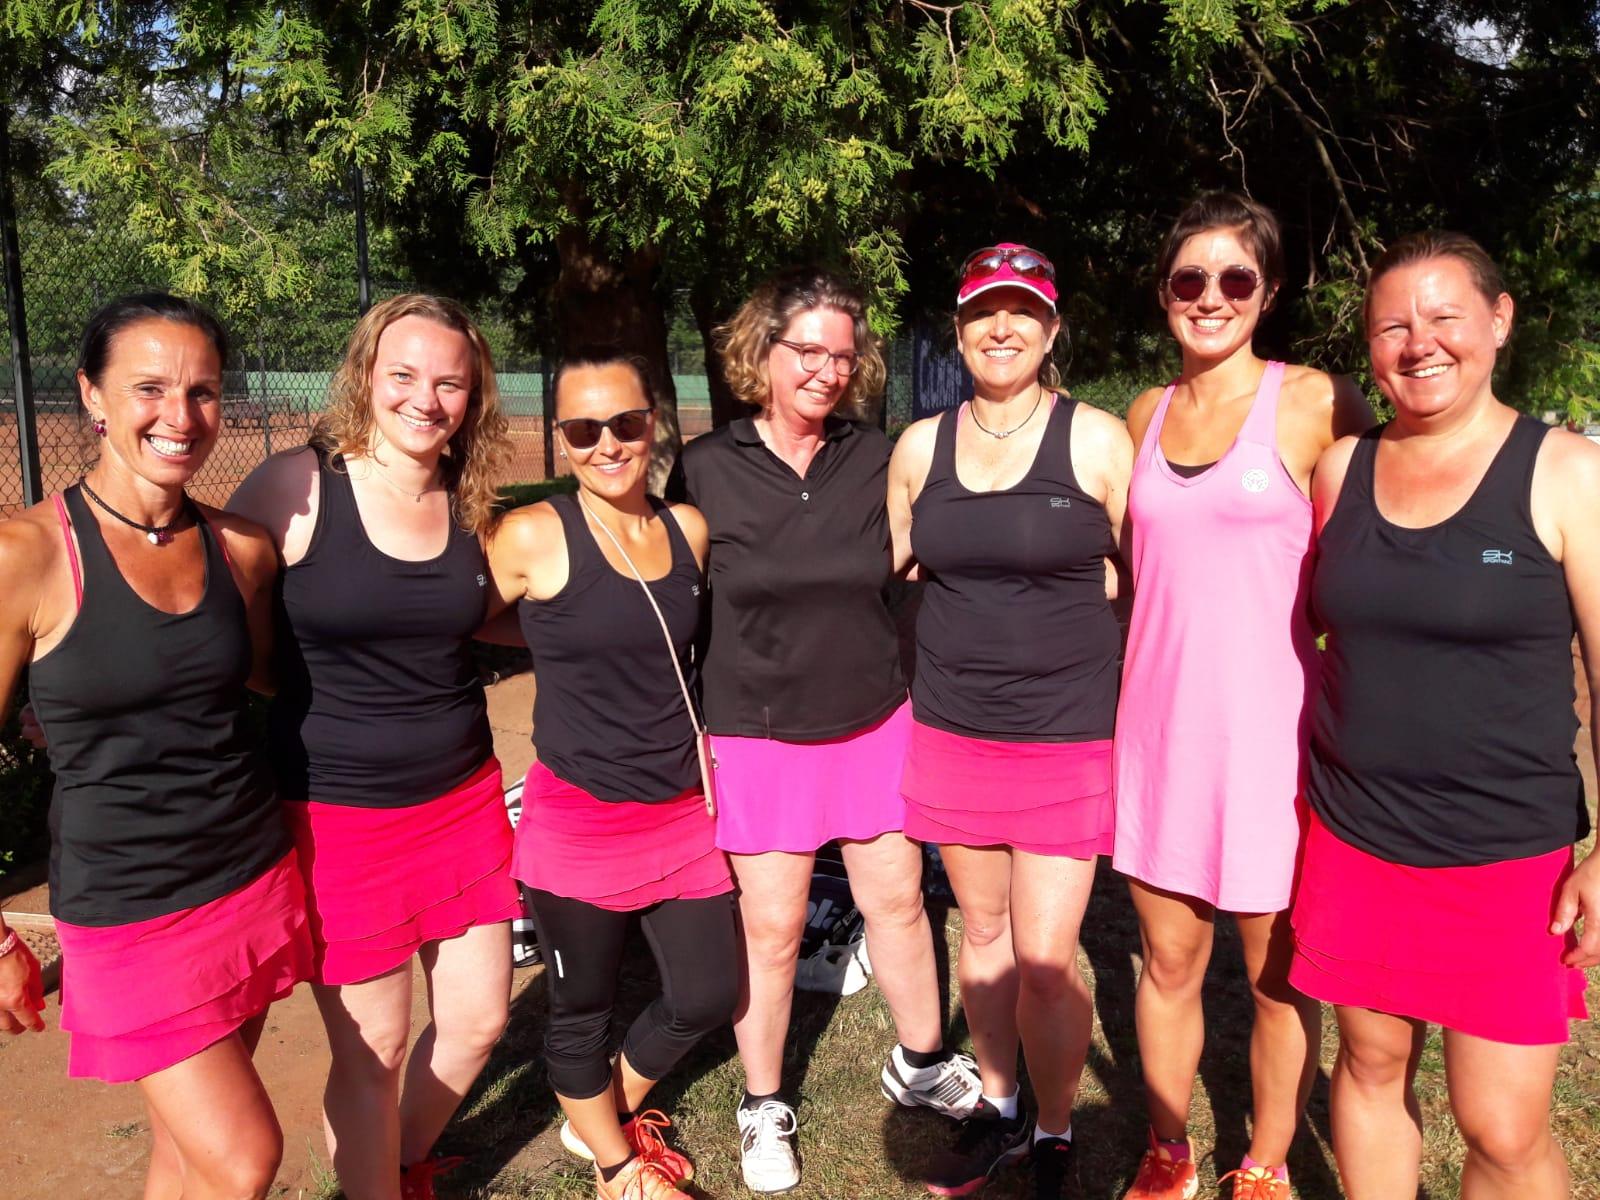 TuS Baerl Tennis Damen 30 Mannschaft